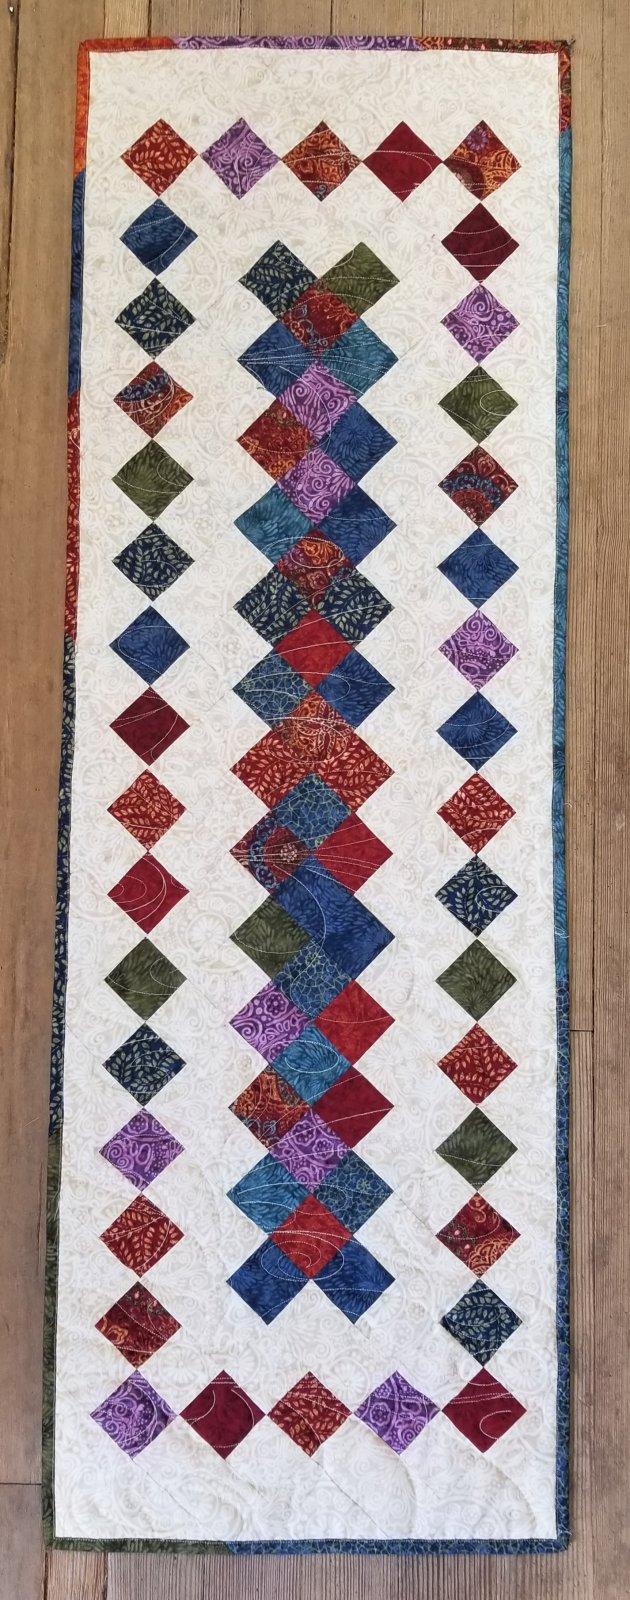 Criss Cross Applesauce Tapestry Table Runner fabric Kit